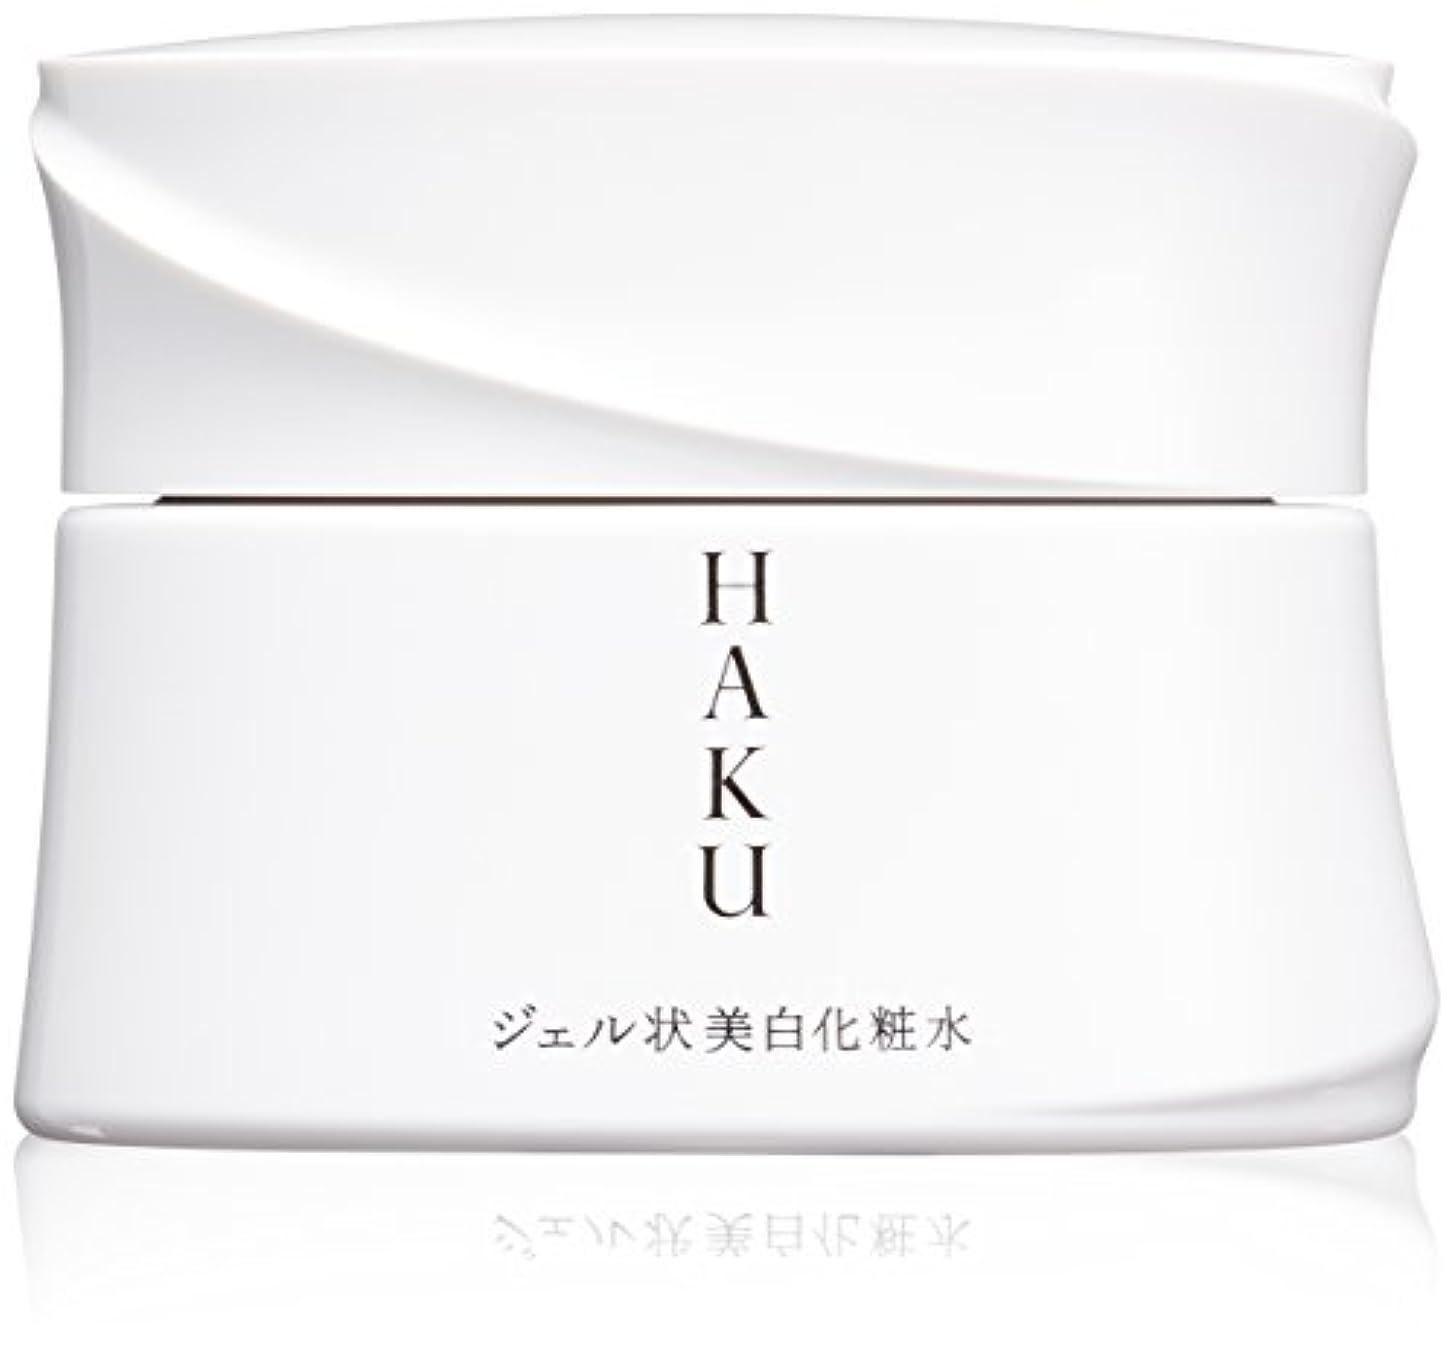 霜夢課すHAKU メラノディープモイスチャー 美白化粧水 100g 【医薬部外品】